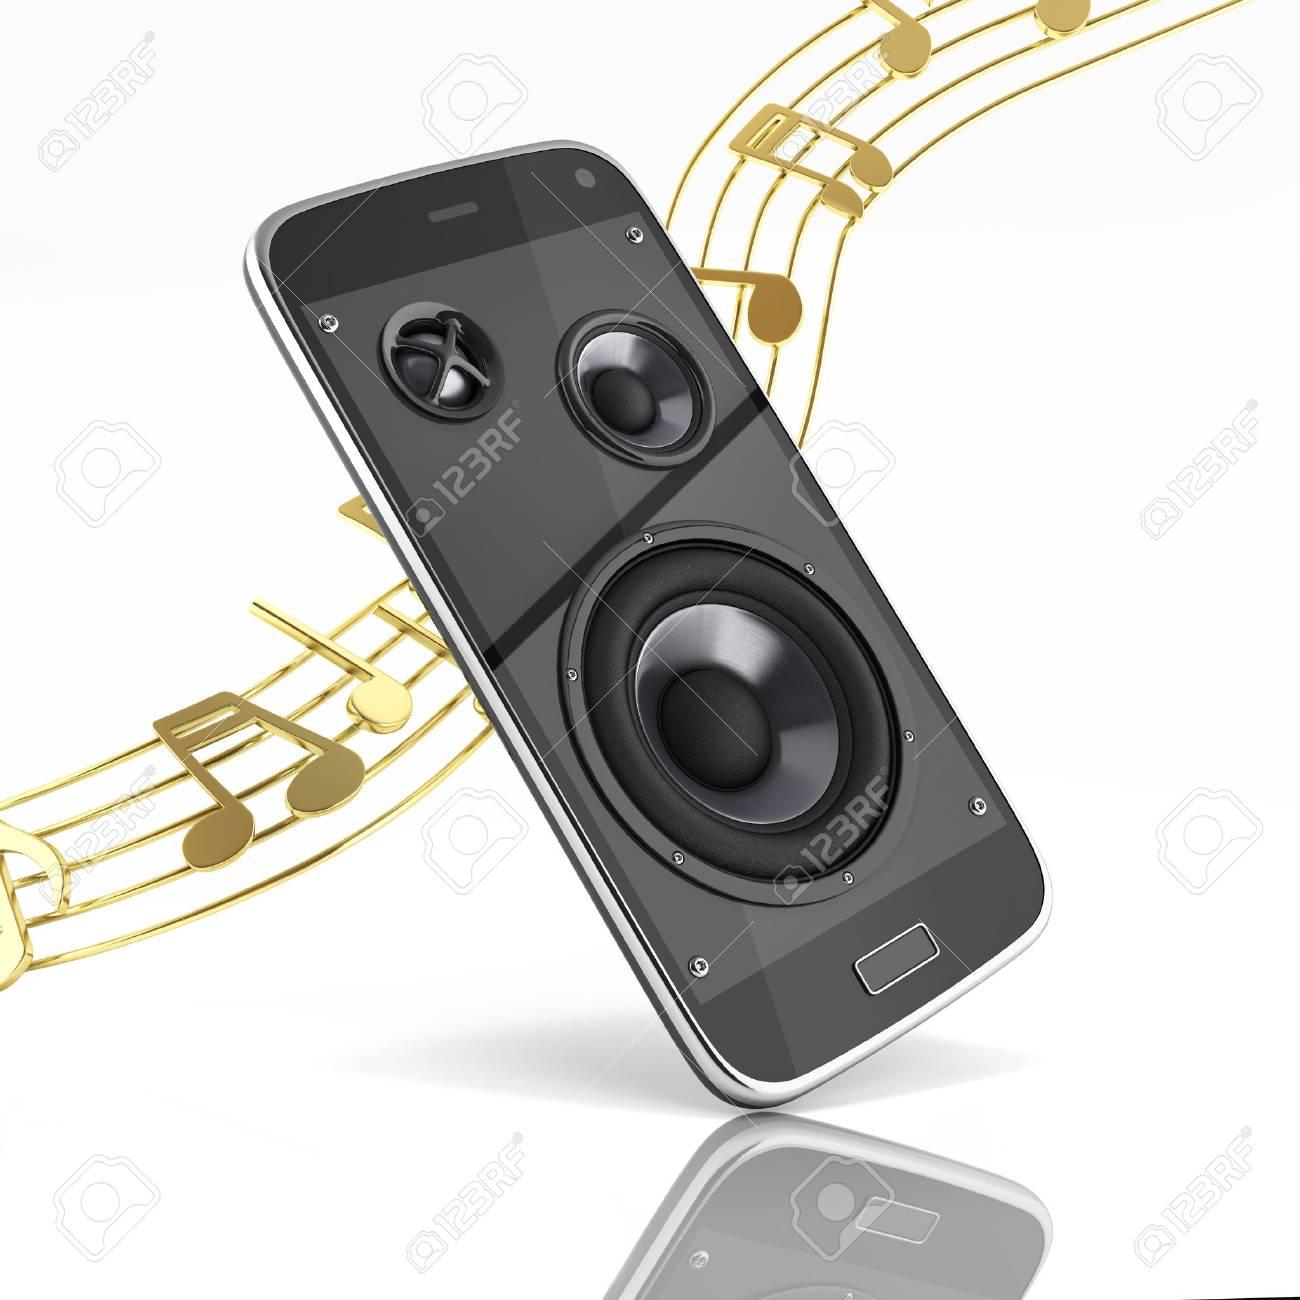 Hervorragend Musikalische Smartphone Handy Musik App Handy Und Lautsprecher Mit EQ43